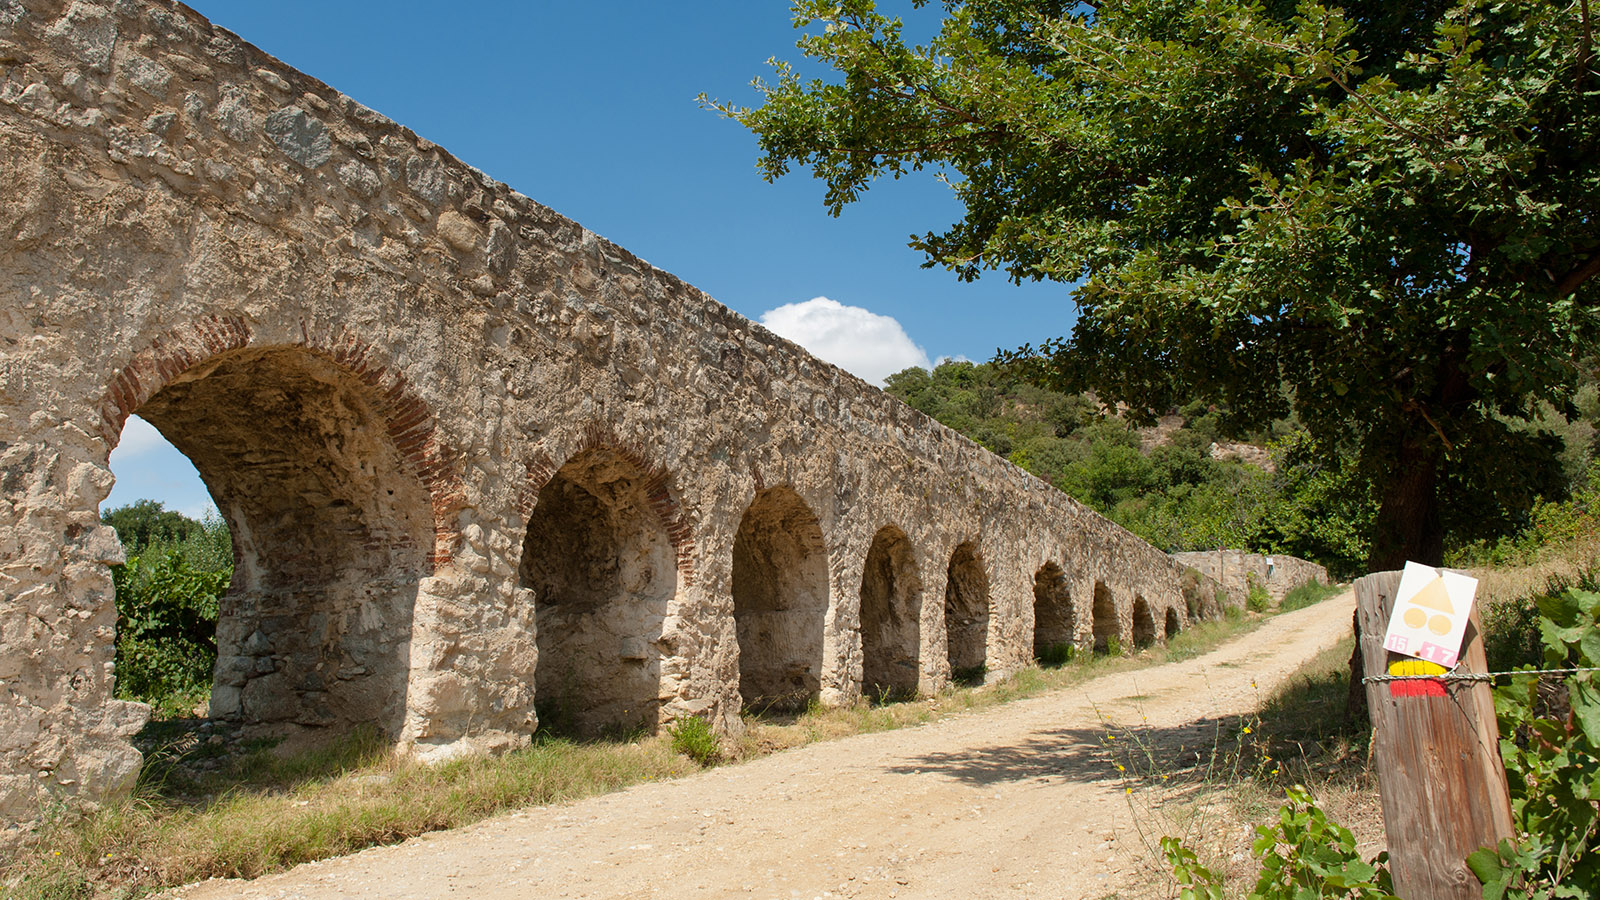 Fenouillèdes: Ihr könnt im Innern des Aquädukts entlang laufen! Foto: Hilke Maunder